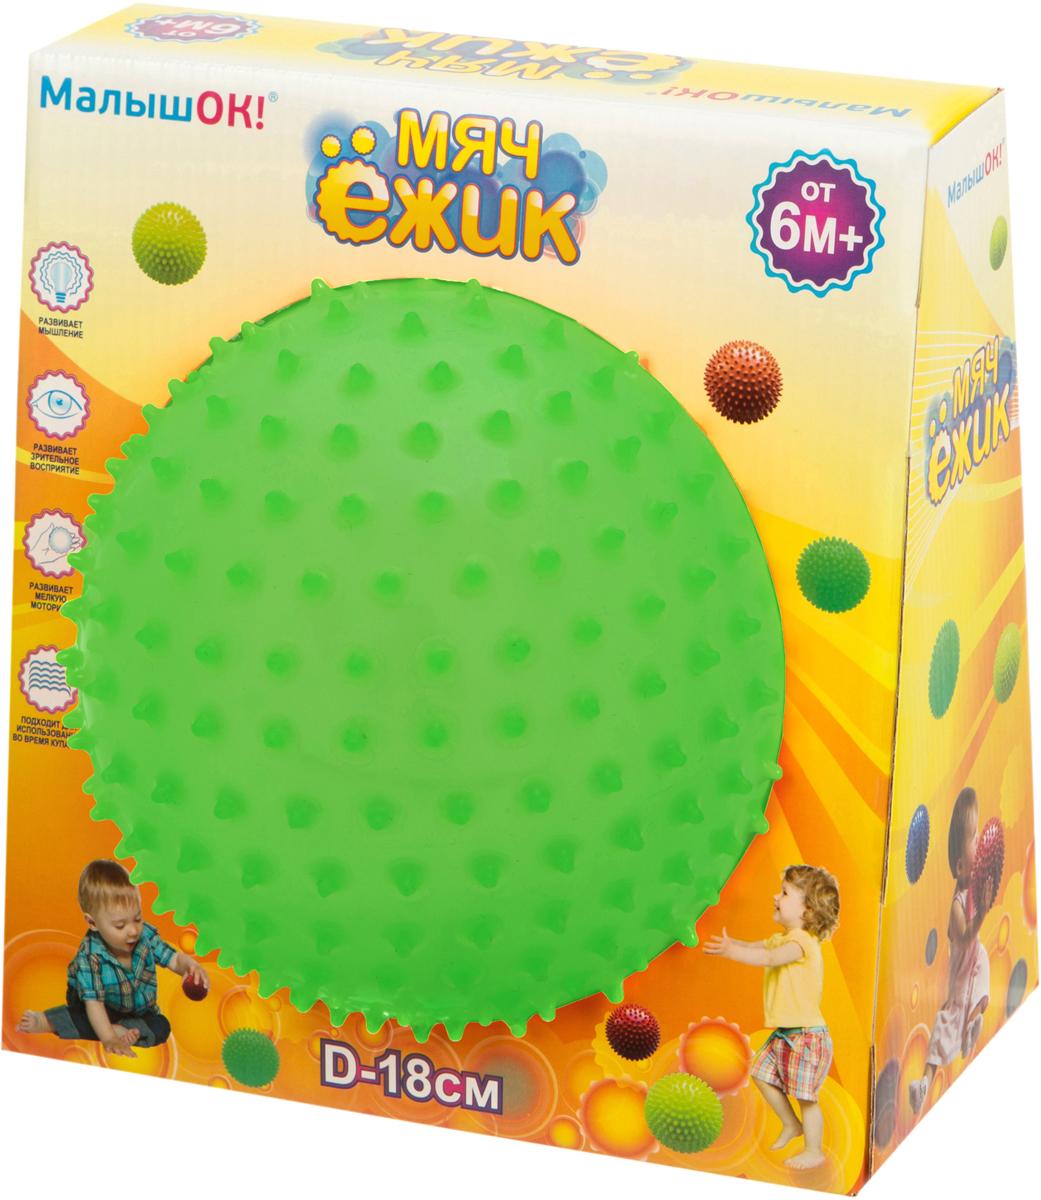 Альпина Пласт Мяч Ежик цвет зеленый, 18 см6022041042Мяч Ёжик - это увлекательная игрушка для детей в возрасте от 6 месяцев. Мяч отлично подходит для игры дома и в дошкольных учреждениях. Занятия всегда можно превратить в увлекательную, весёлую и полезную игру, которая способствует тренировке реакции, координации, развитию цветового и тактильного восприятия. • Изготовлен из экологически чистого, безопасного и прочного материала,• Способствует развитию зрительного восприятия и мелкой моторики,• Подходит для использования во время купания в ванной.